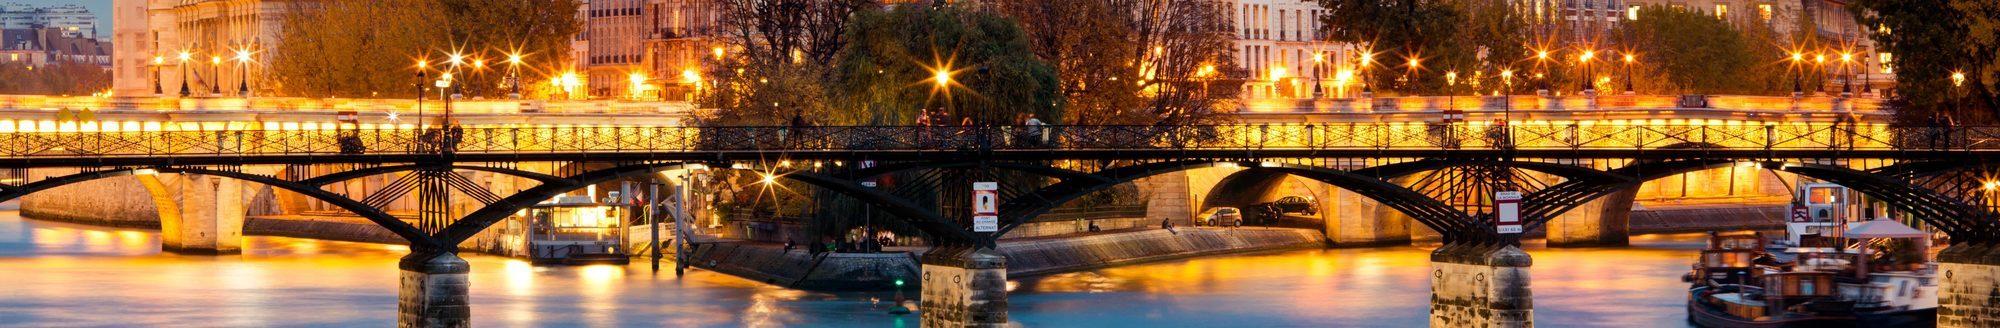 Le River Palace - Ano Novo 2020